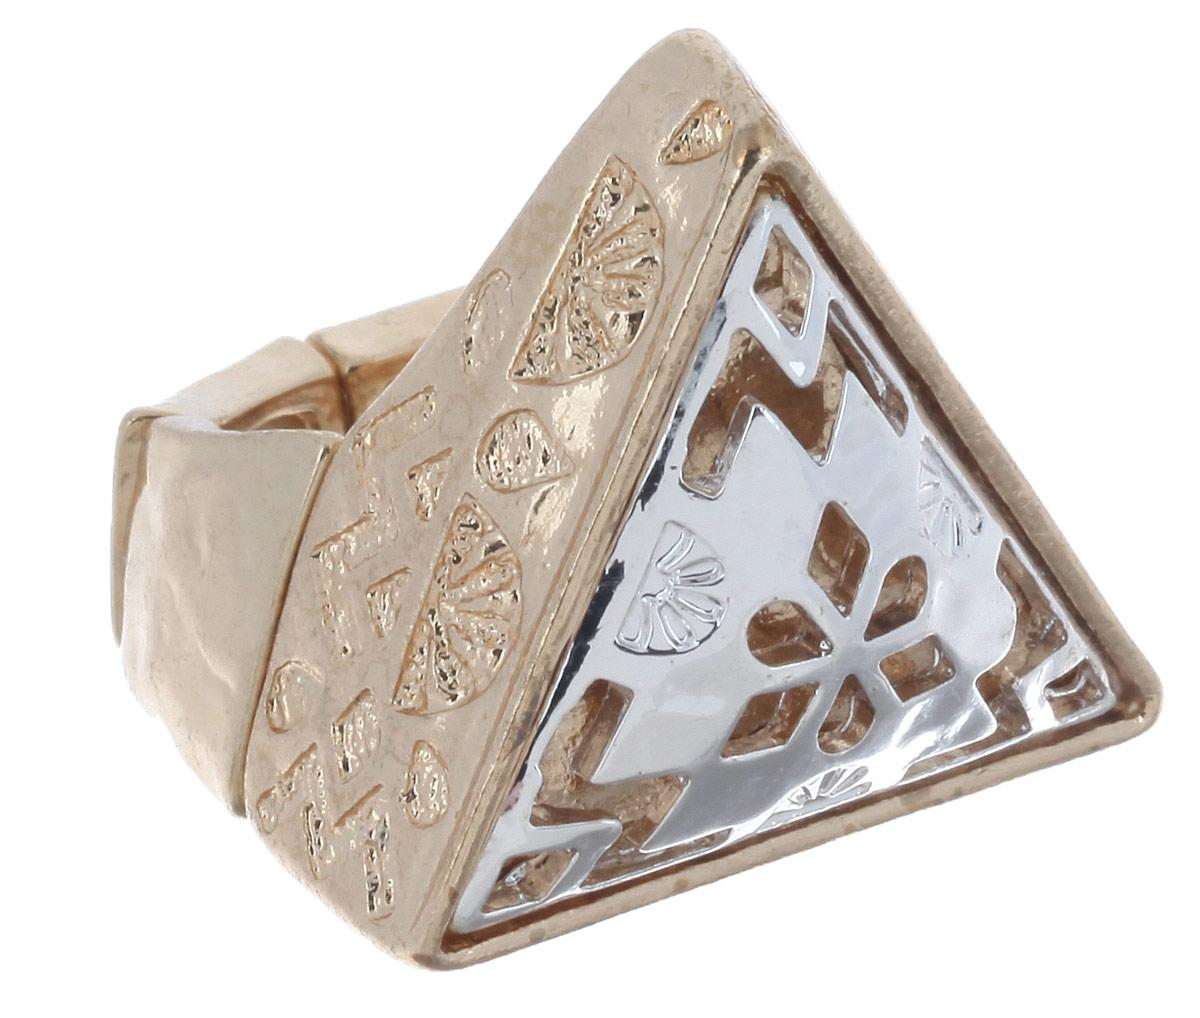 Кольцо Avgad, цвет: золотистый, серебристый. EA178JW307EA178JW307Оригинальное кольцо Avgad, изготовленное из ювелирного сплава, оформлено рельефным рисунком и декоративной перфорацией. Элементы кольца соединены между собой при помощи тонкой резинки, благодаря которой изделие имеет универсальный размер. Его легко снимать и надевать. Это необычное украшение внесет изюминку в ваш модный образ, а также позволит выделиться среди окружающих.